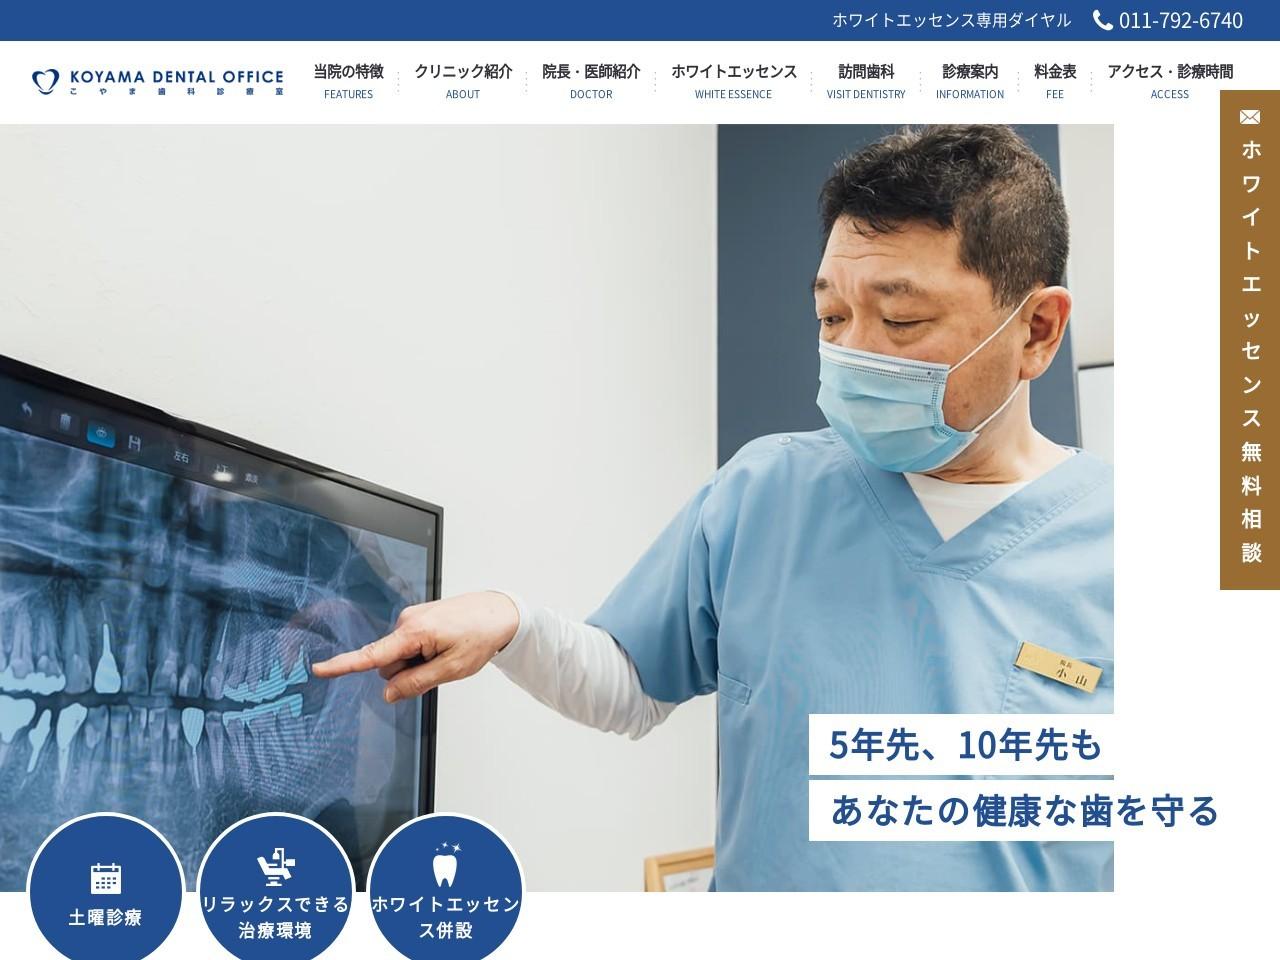 こやま歯科診療室 (北海道札幌市東区)